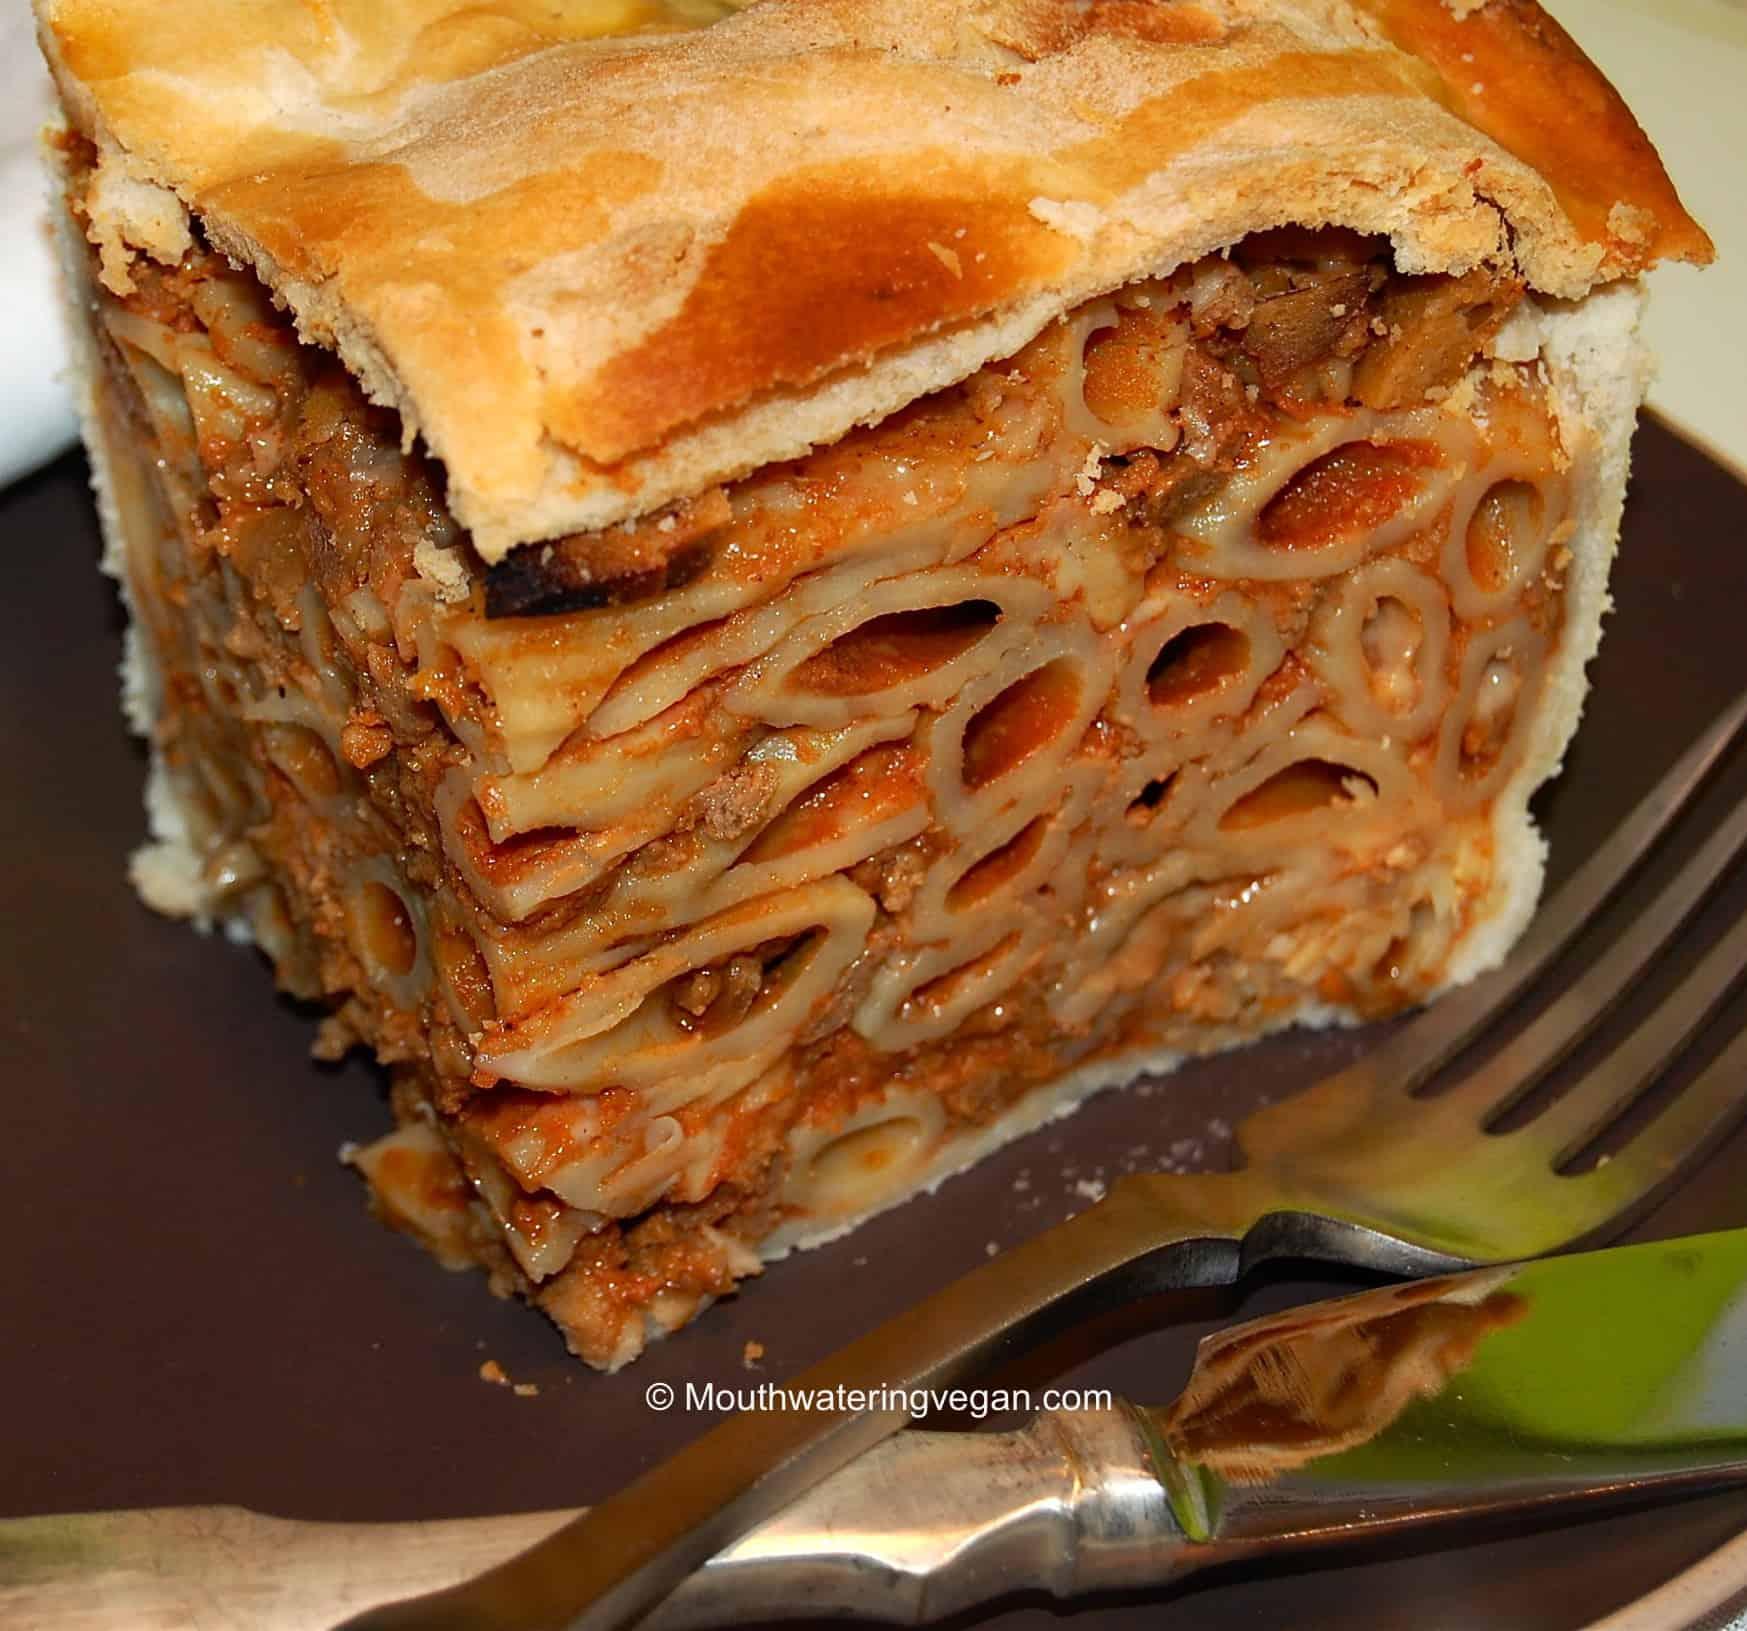 ... Vegan Timpana – the Ultimate Naughty Pasta Pie - Mouthwatering Vegan